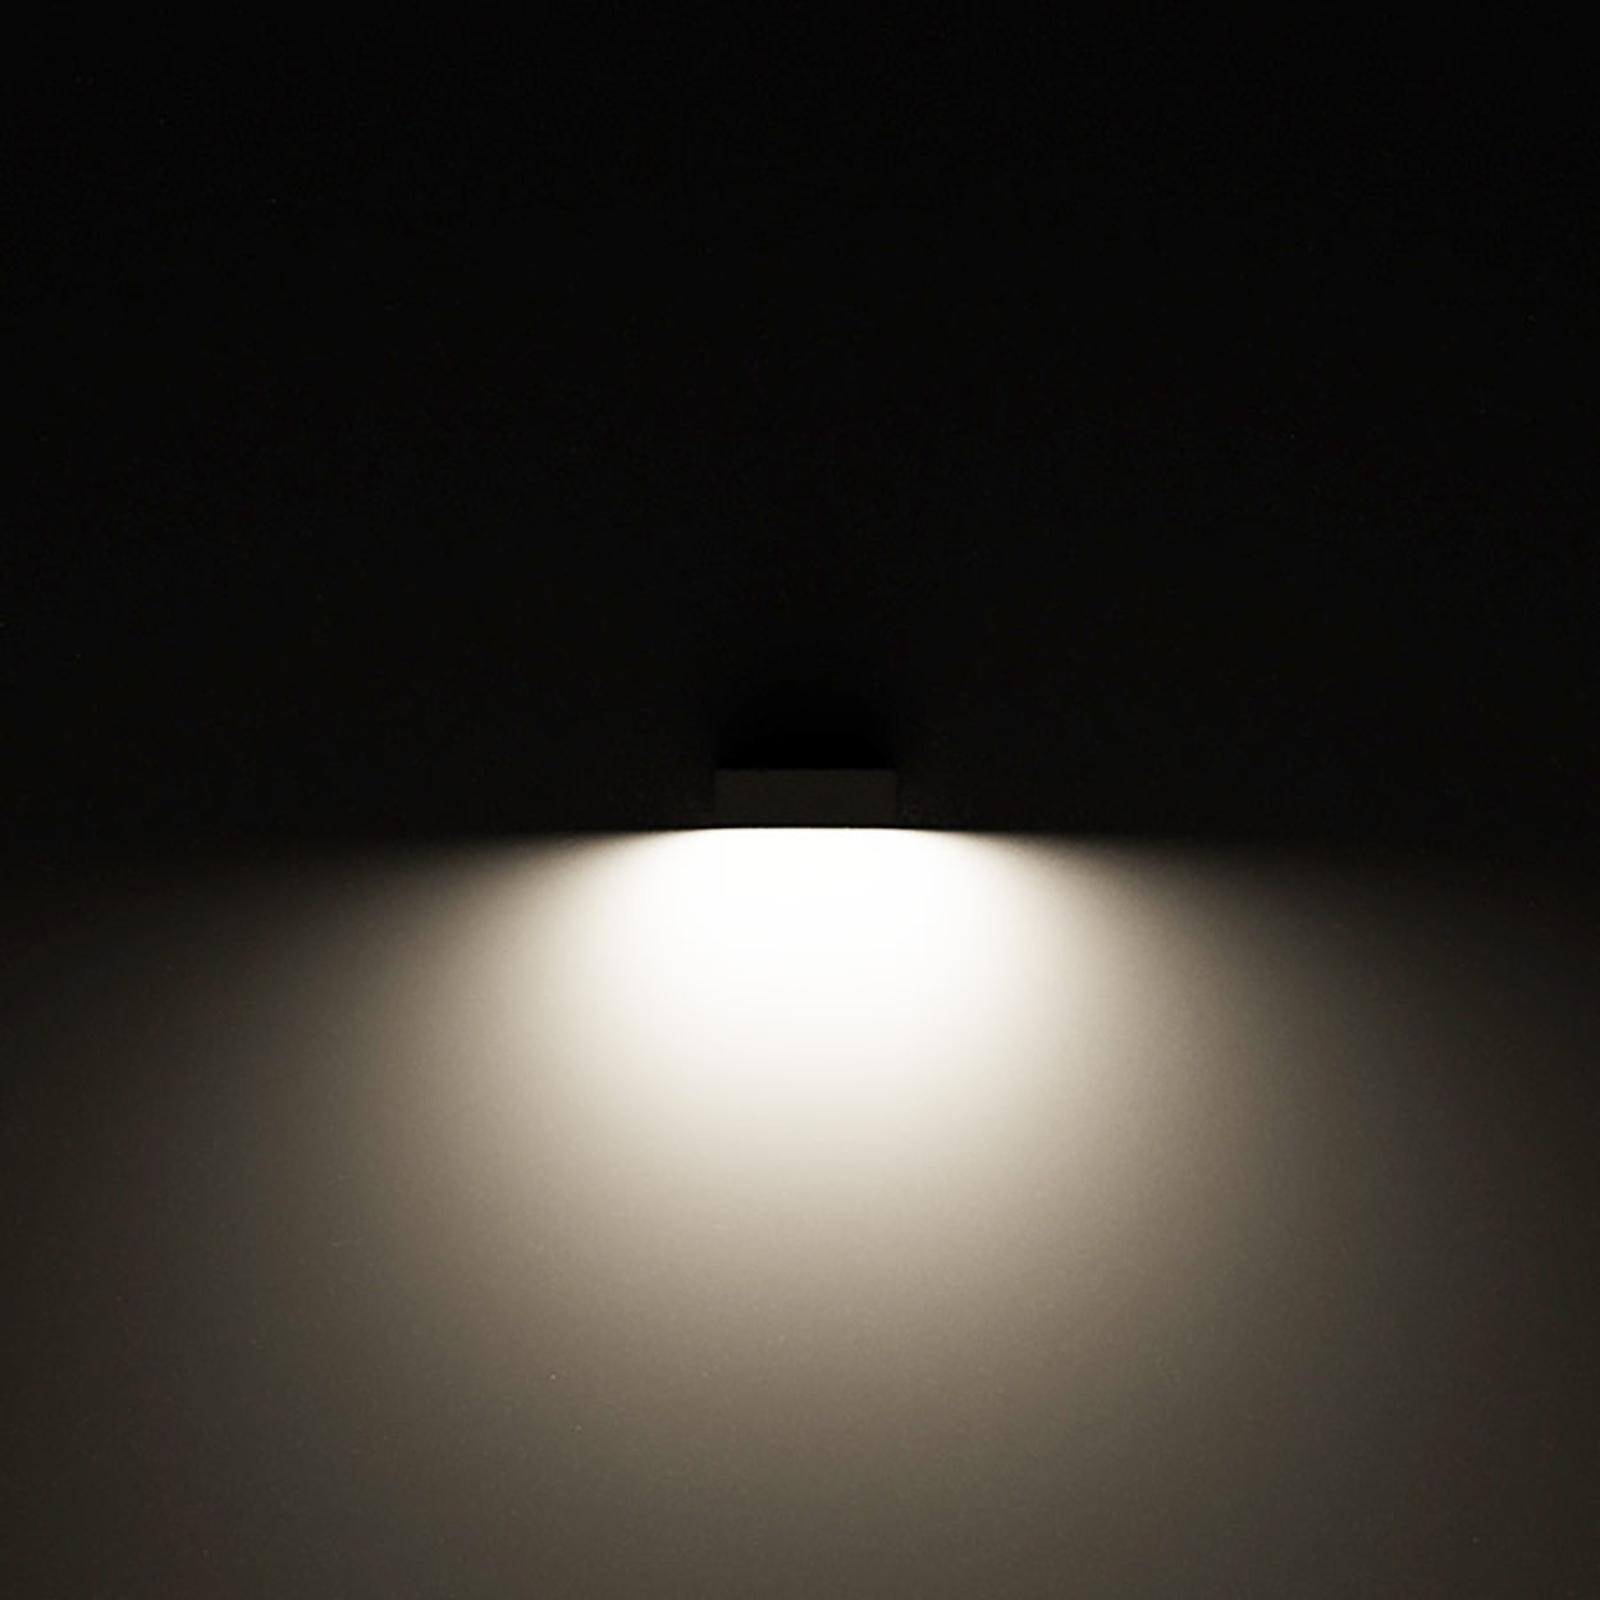 LED-Wandlampe 303553, Optik assymetrisch 4.000K